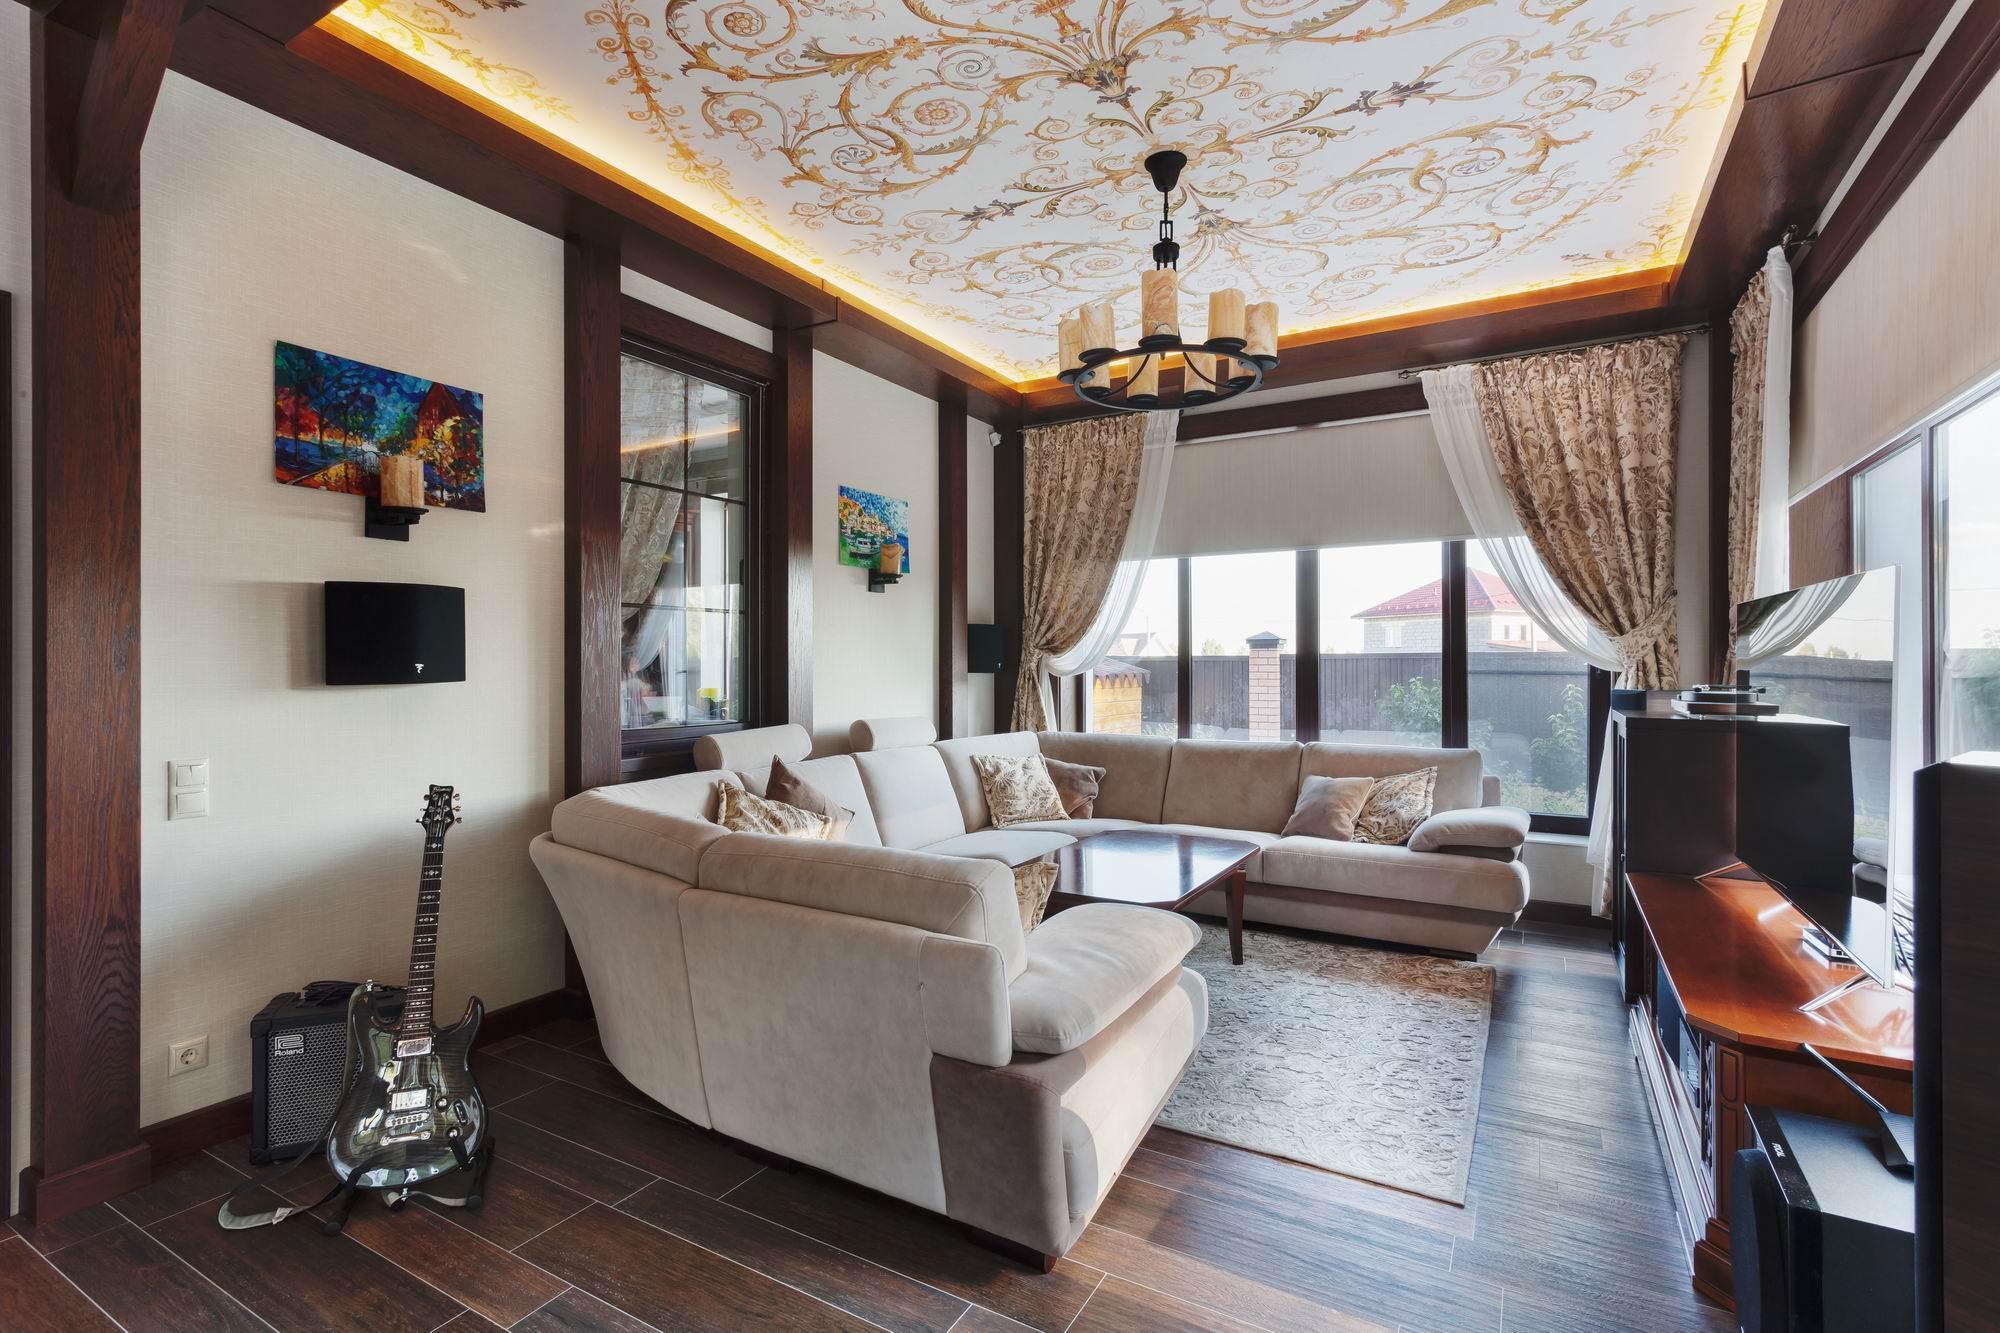 Завершили реализацию дизайн-проекта веранды в коттеджном поселке Александрия.